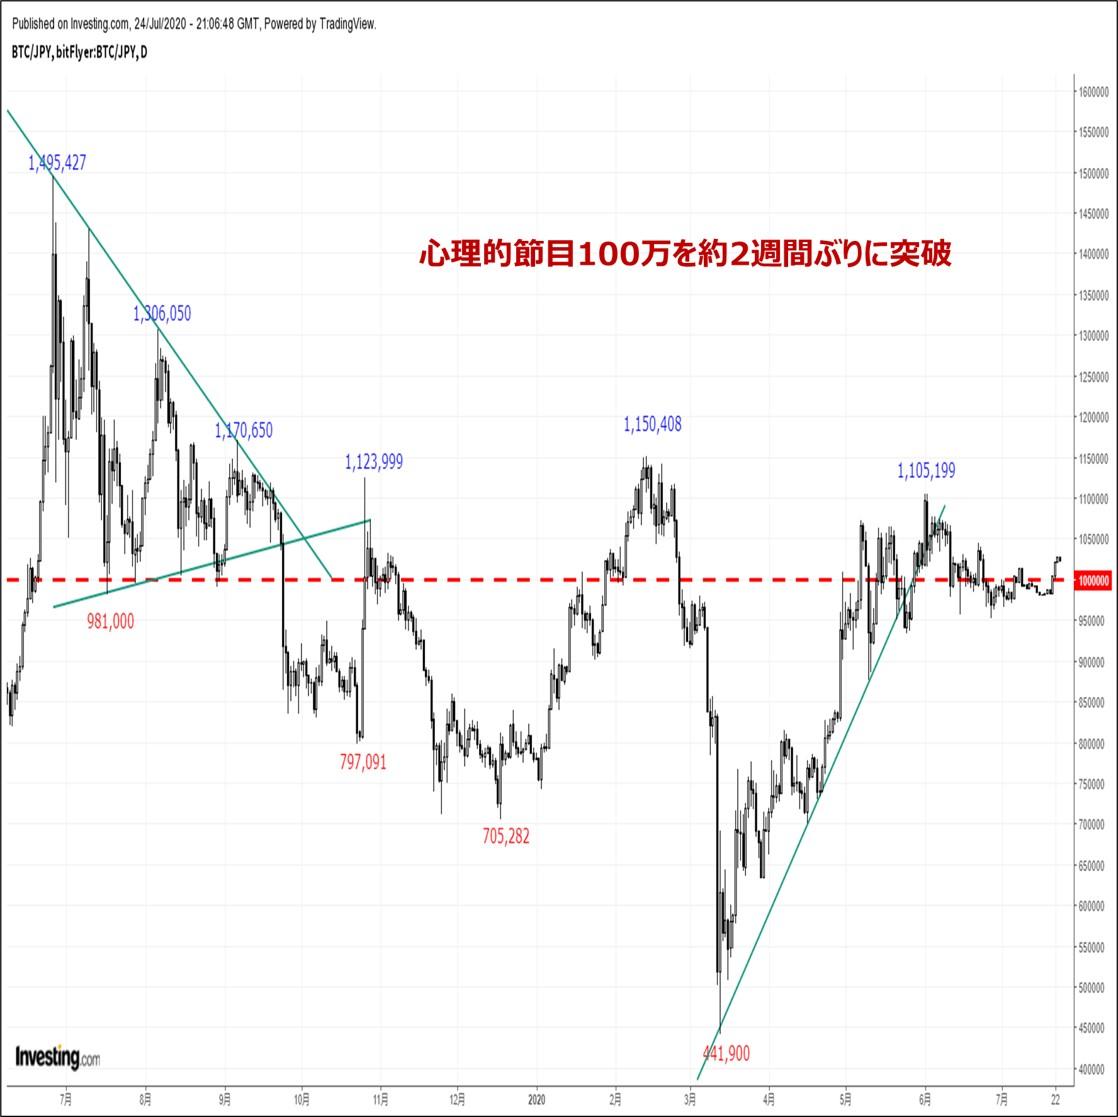 /ビットコインの価格分析『約1ヵ月ぶり高値圏へ反発するも戻り鈍い。反落リスクに要警戒』(7/25))